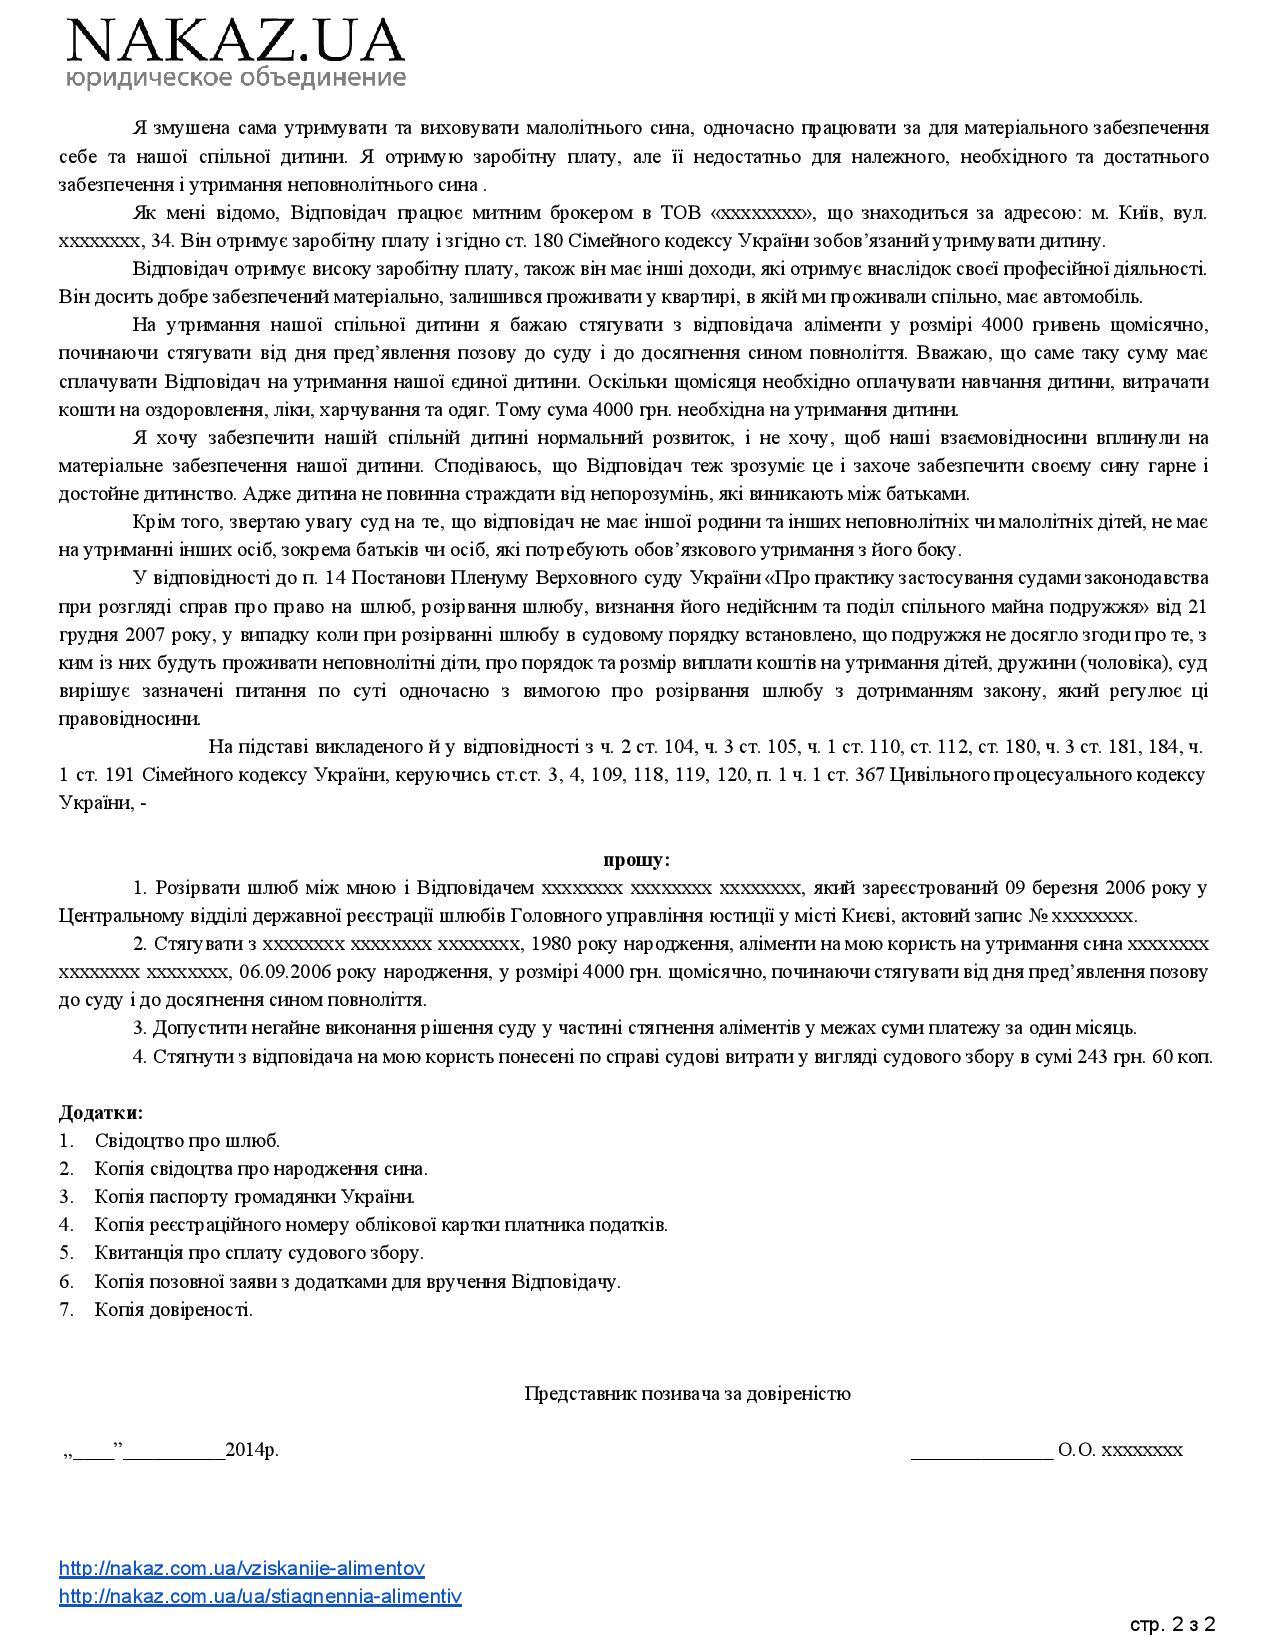 заявление на развод и взыскание алиментов образец